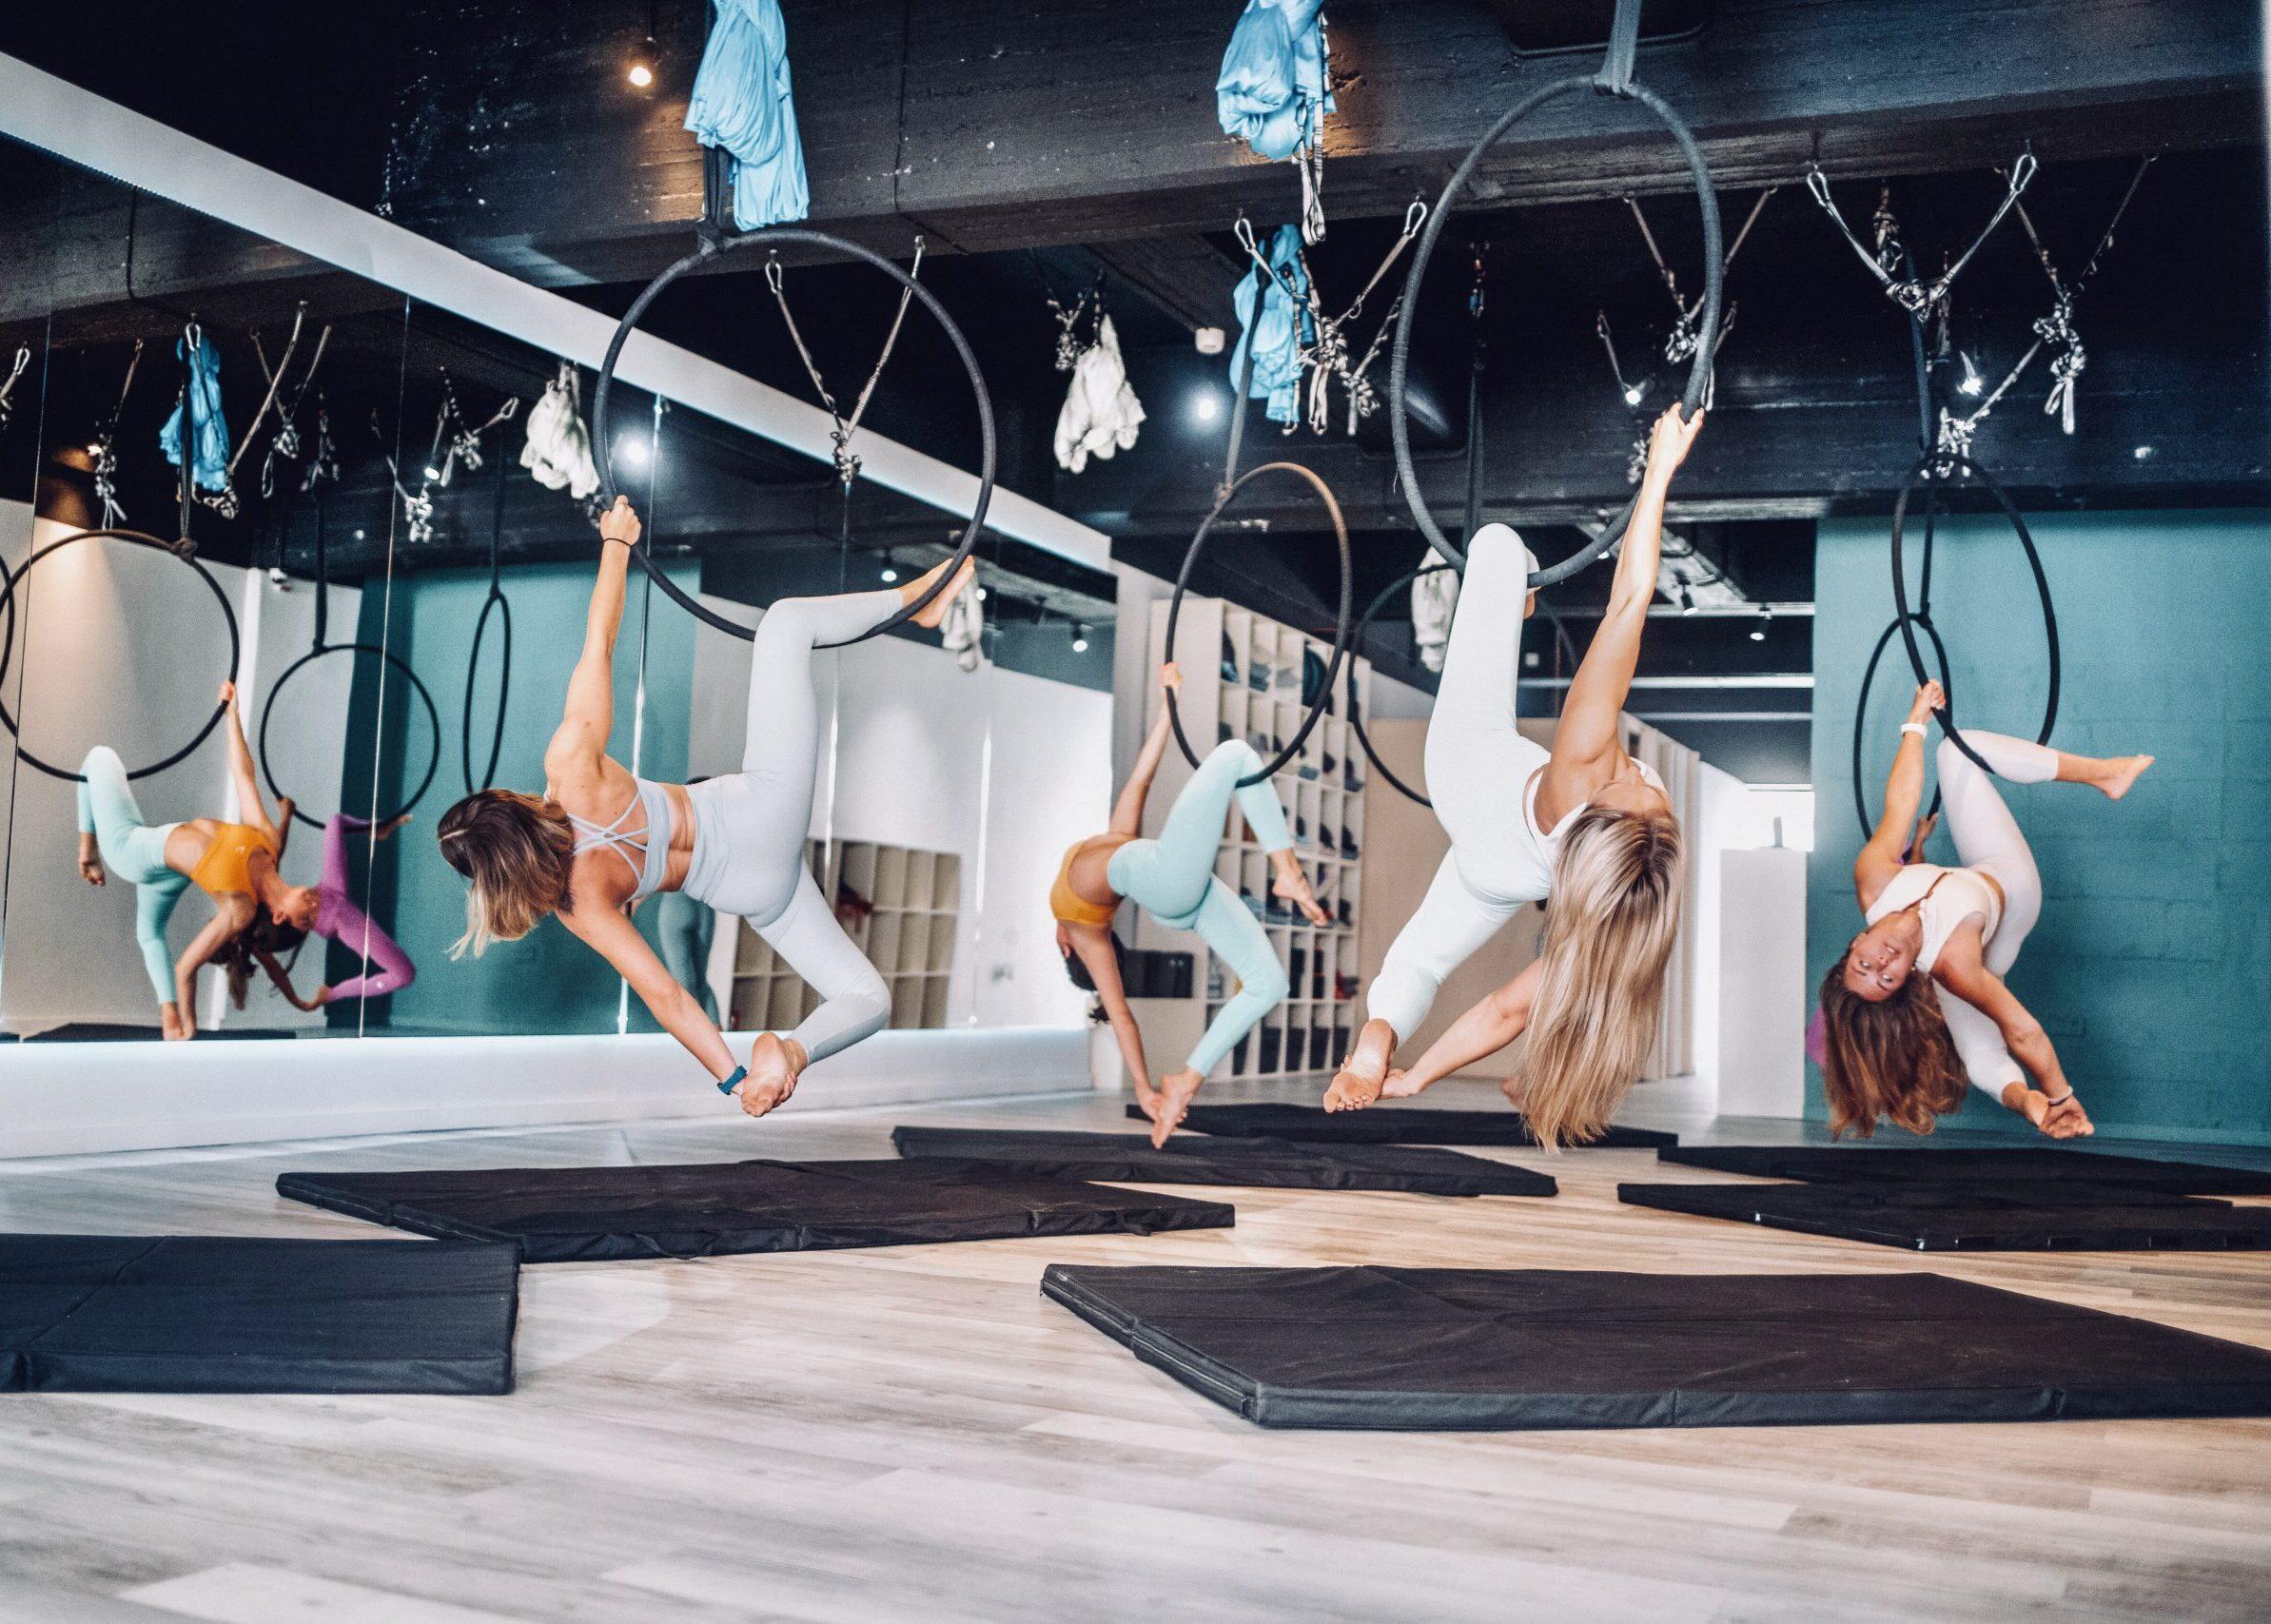 aerial hoop classes malta